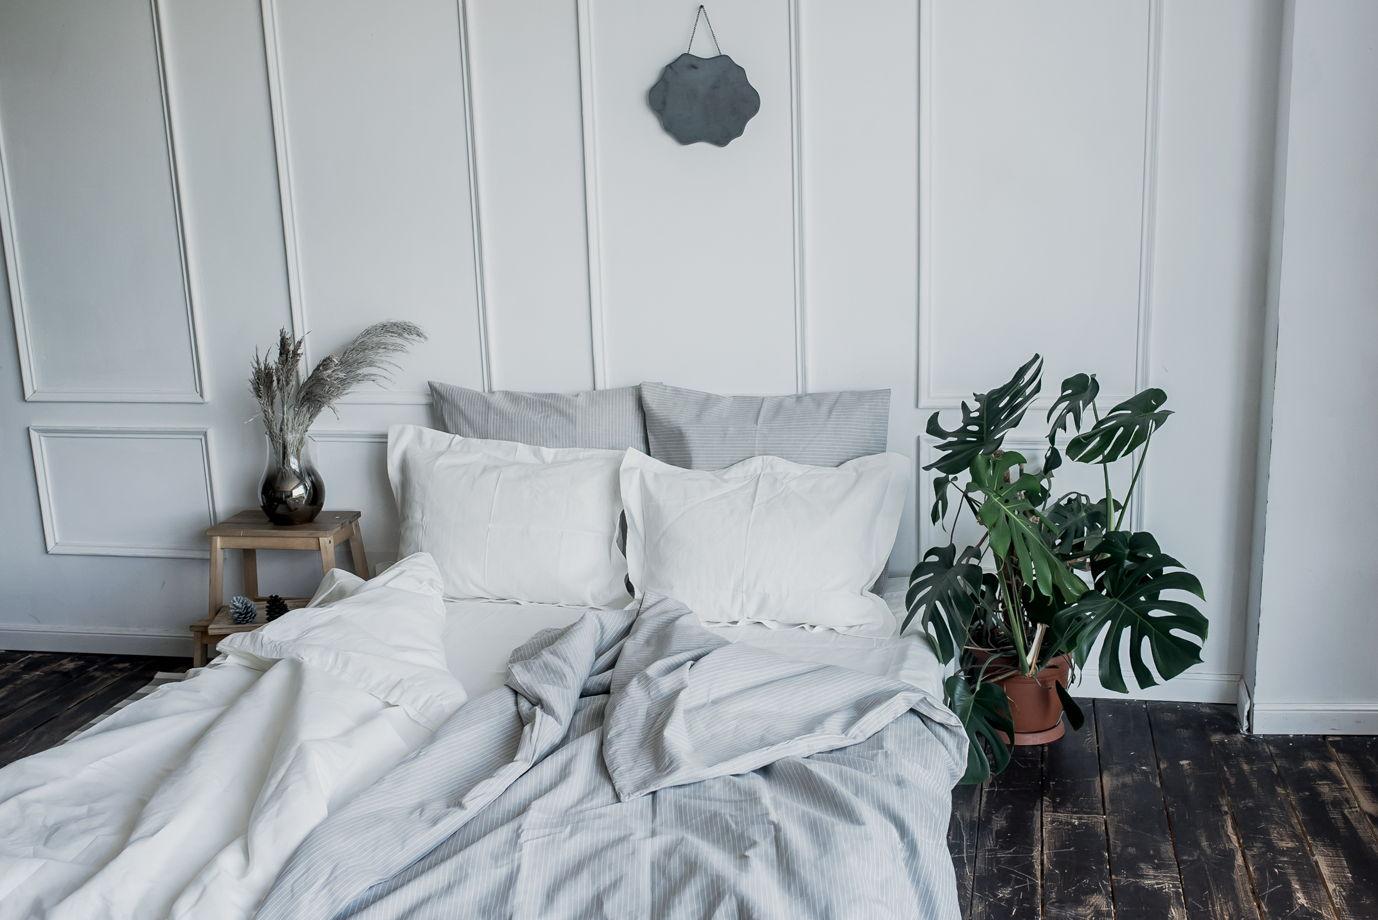 СЕРЫЙ СВЕТЛЫЙ в полоску набор постельного белья изо льна с хлопком